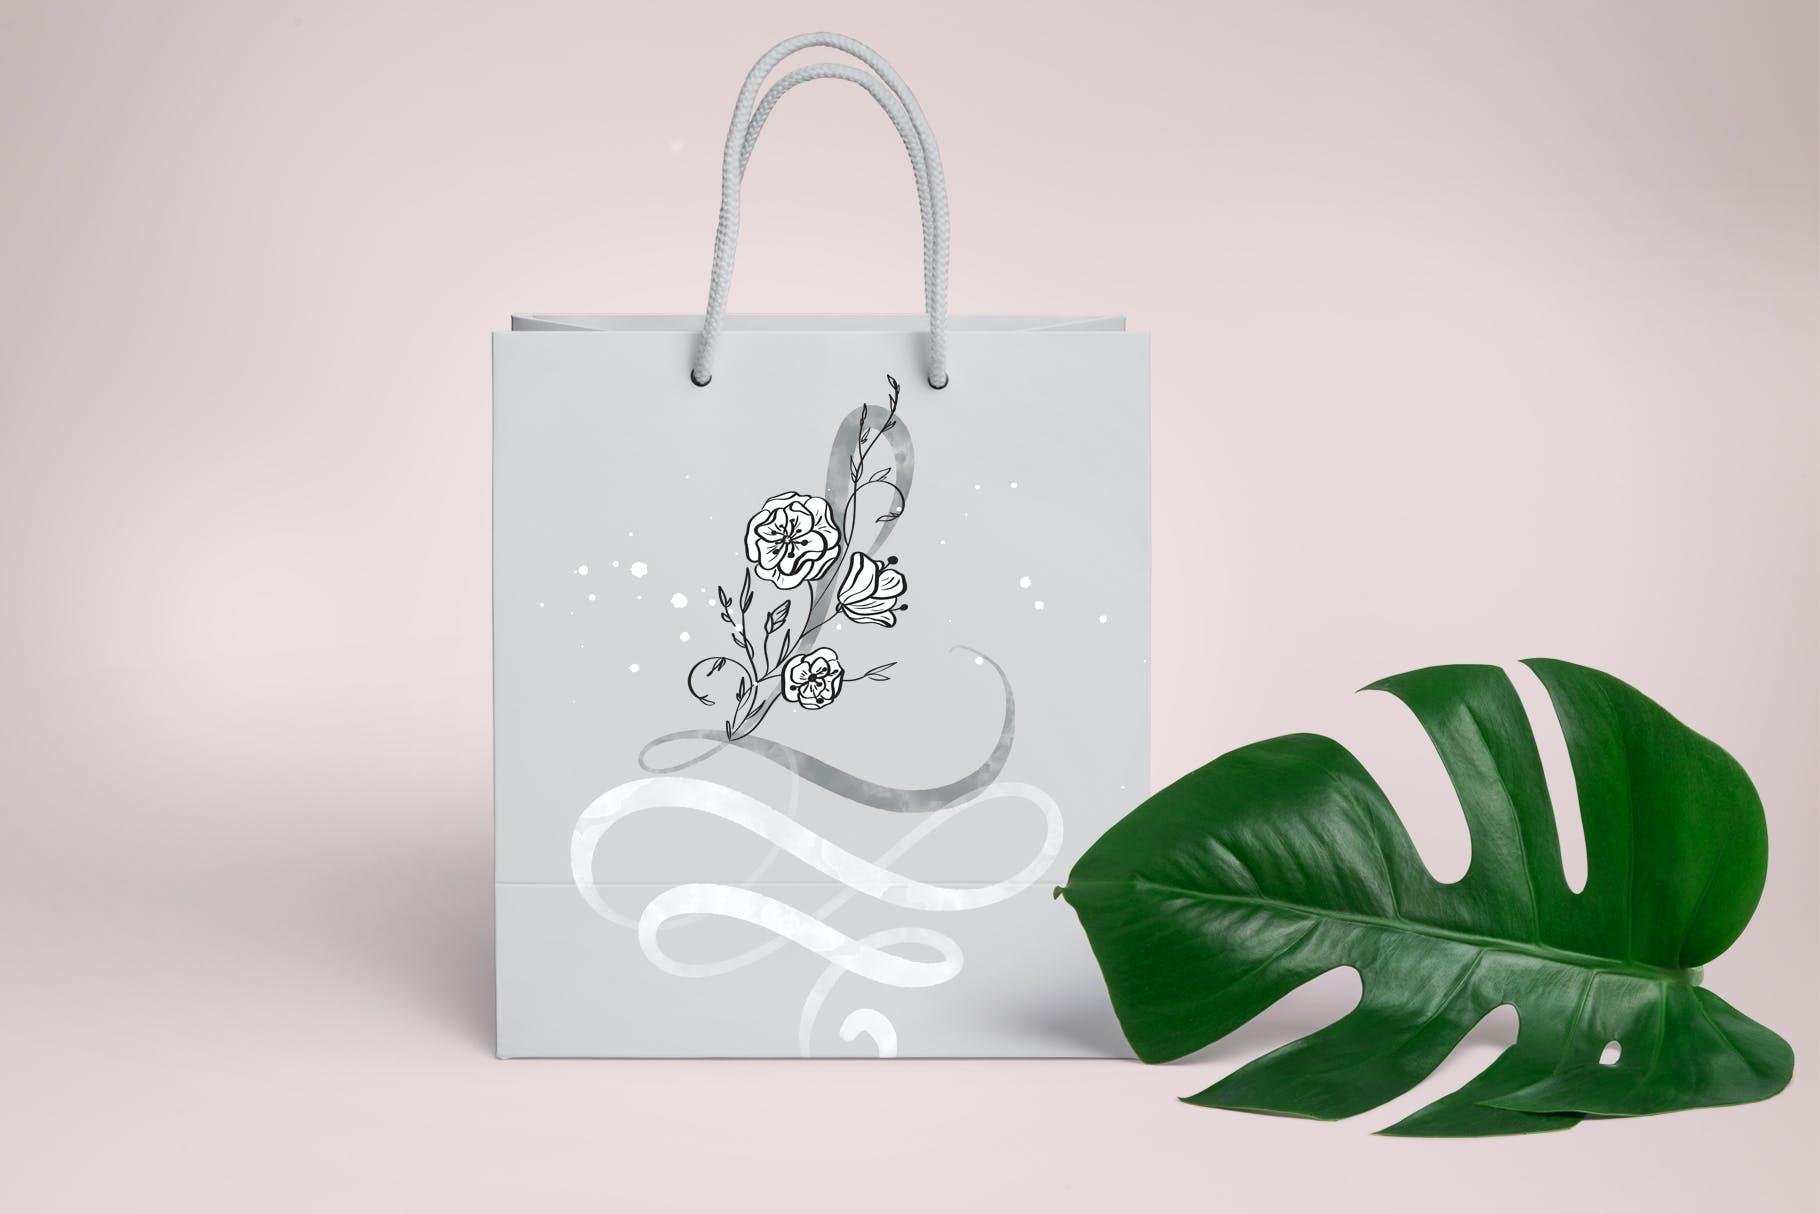 花卉字母水彩字母表装饰图案图片素材 Flowers Letters Watercolor Alphabet插图(3)